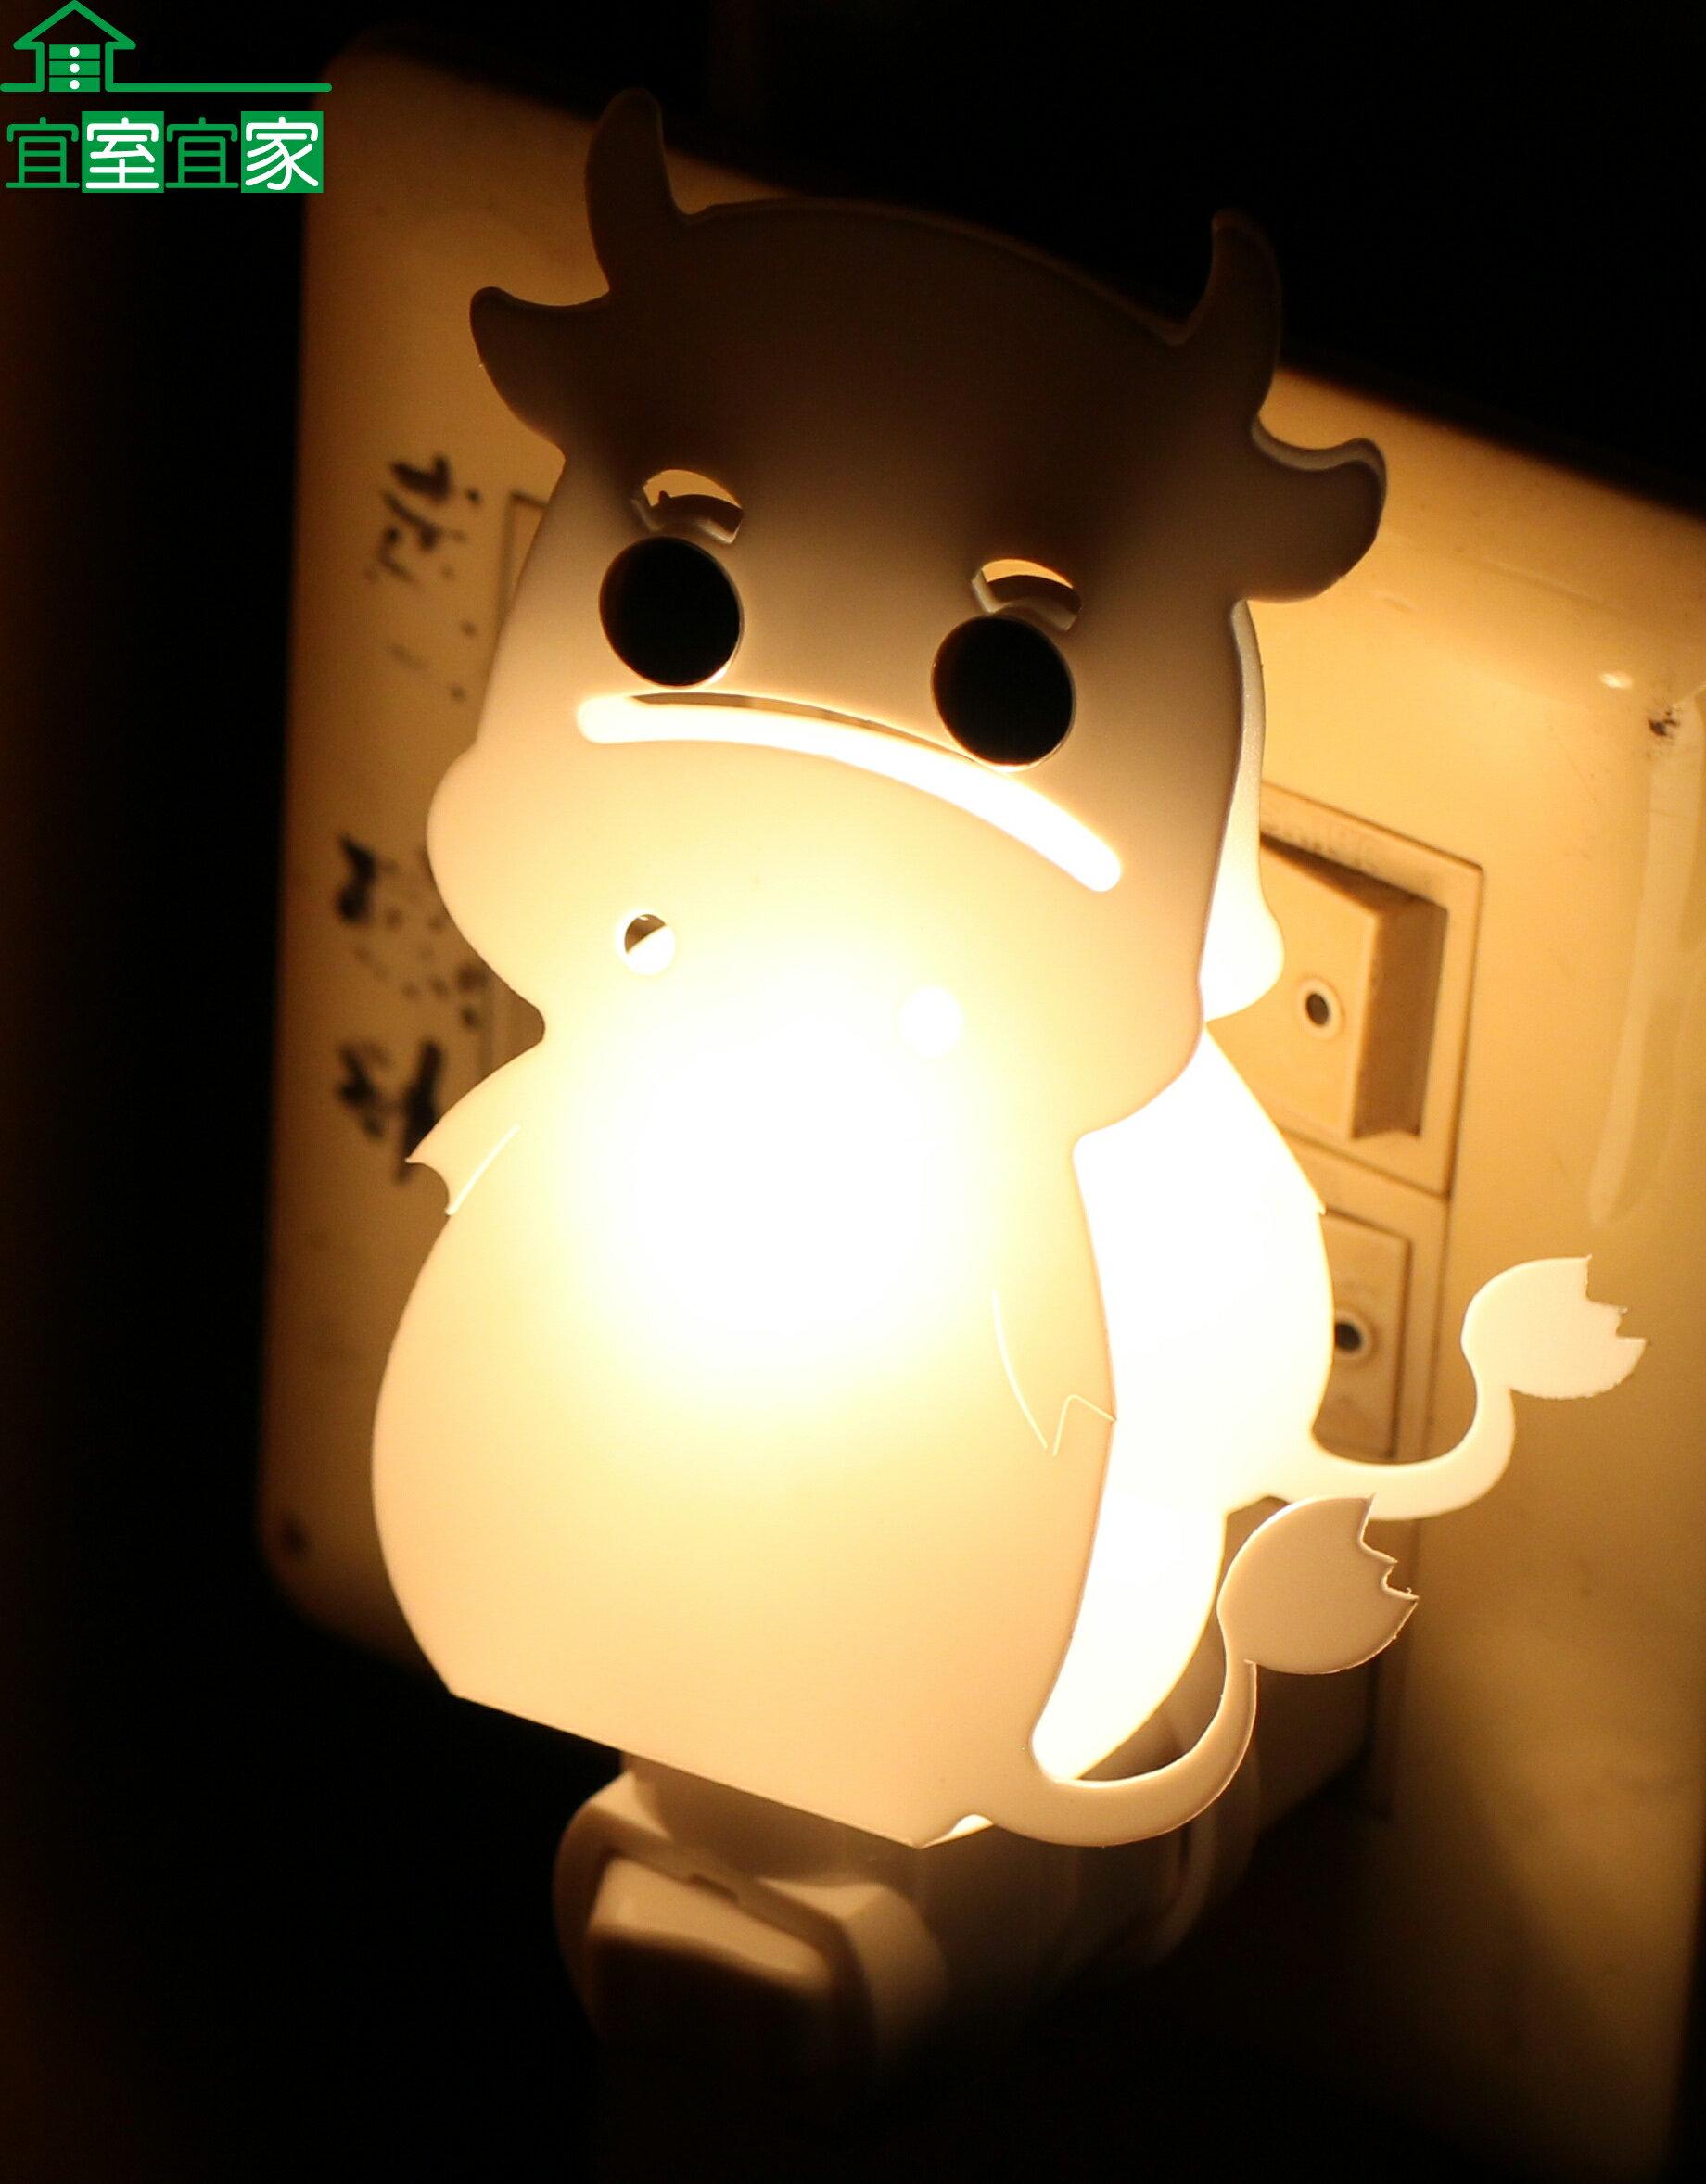 小夜燈 床頭燈 創意 造型 浪漫 夜生活 送禮 MIT 台灣製 小牛造型(坐姿)【宜室宜家CYF19B】